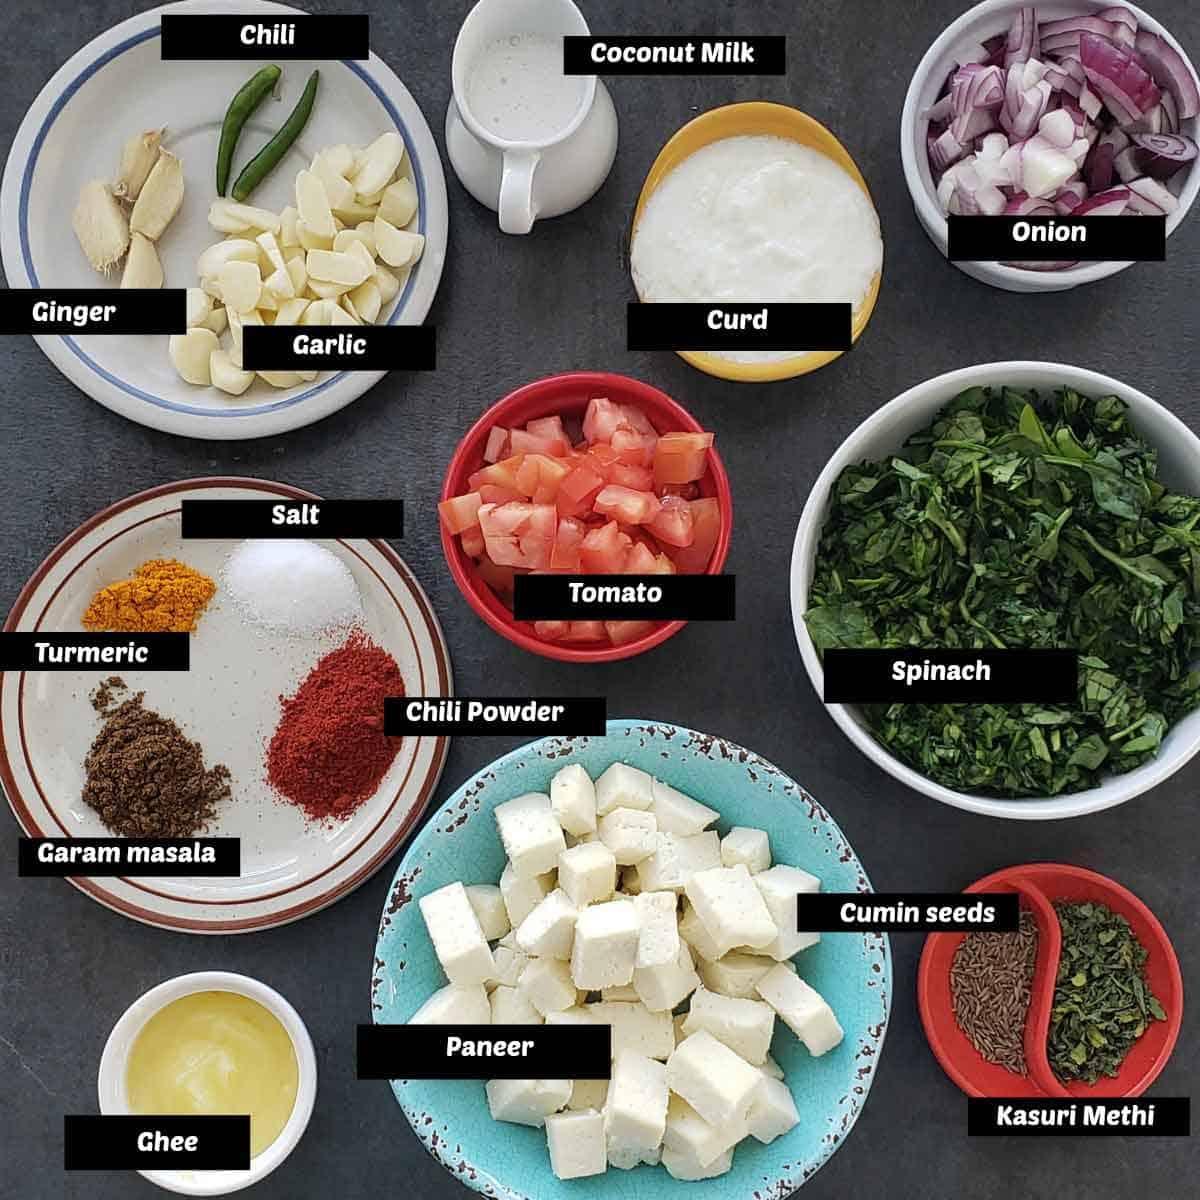 Pre measured ingredients for palak paneer